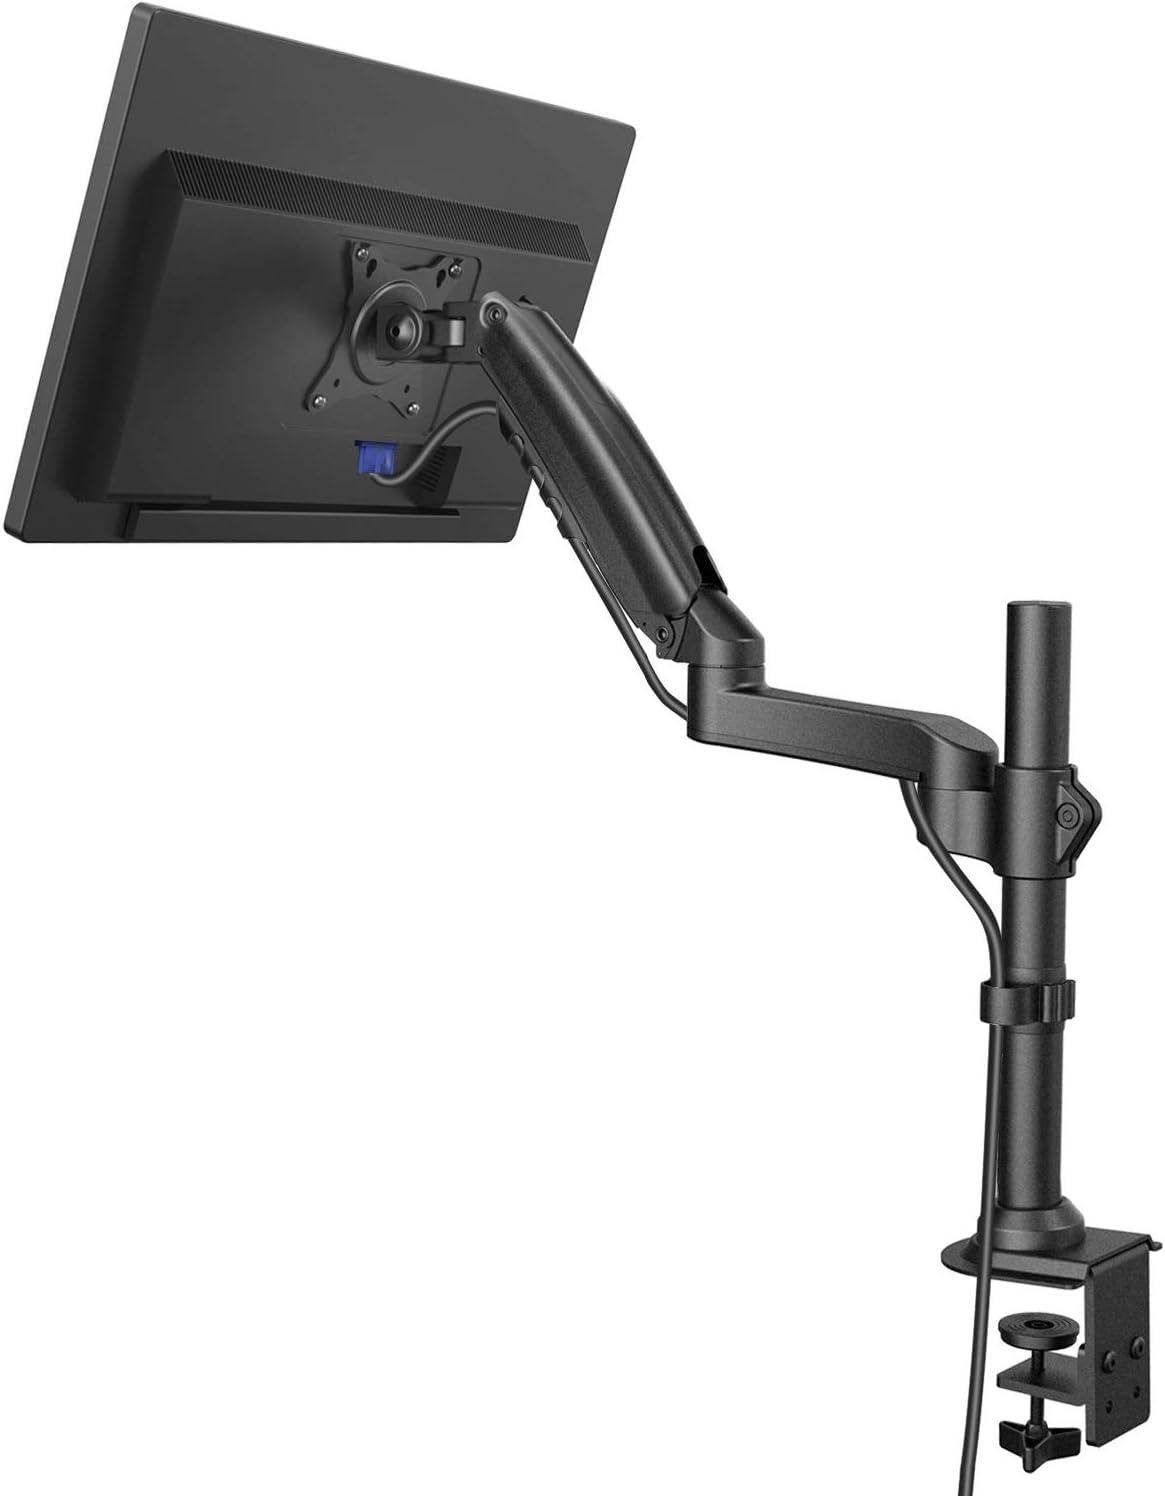 ErGear Support de Moniteur pour /écran 13-32 avec mouvement Hauteur r/églable Support de moniteur de bureau Inclinaison du bras 85/°//-30/° Pivotement 180/° Rotation 360/°Poids max 9KG VESA 75//100mm